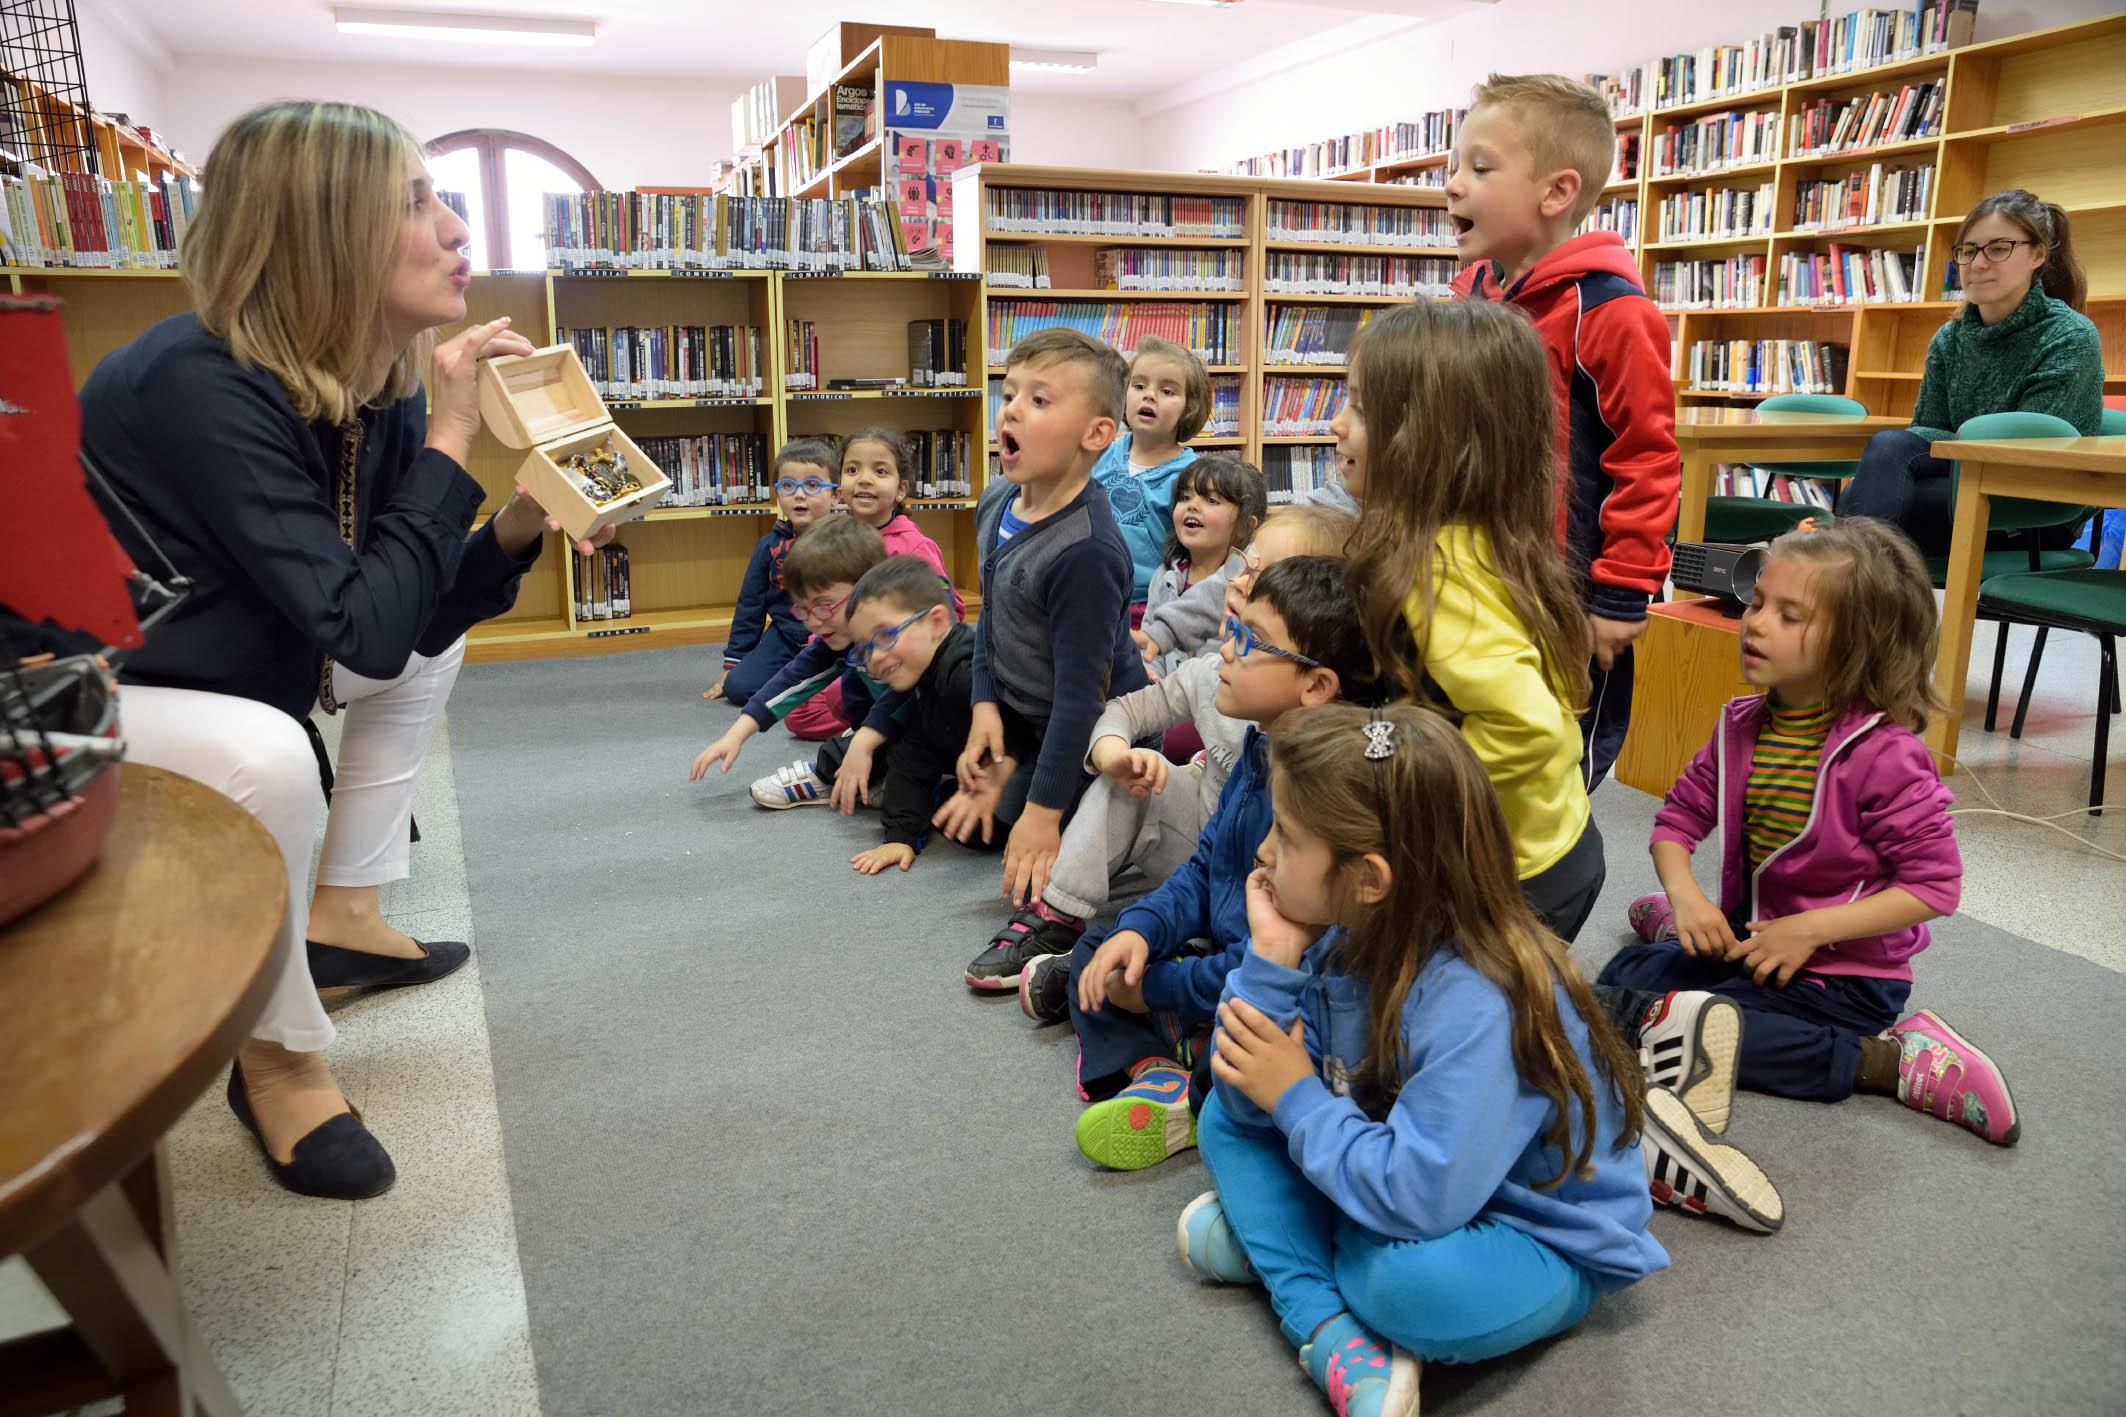 Las Jornadas Cervantinas fomentan el uso de la biblioteca entre los más pequeños